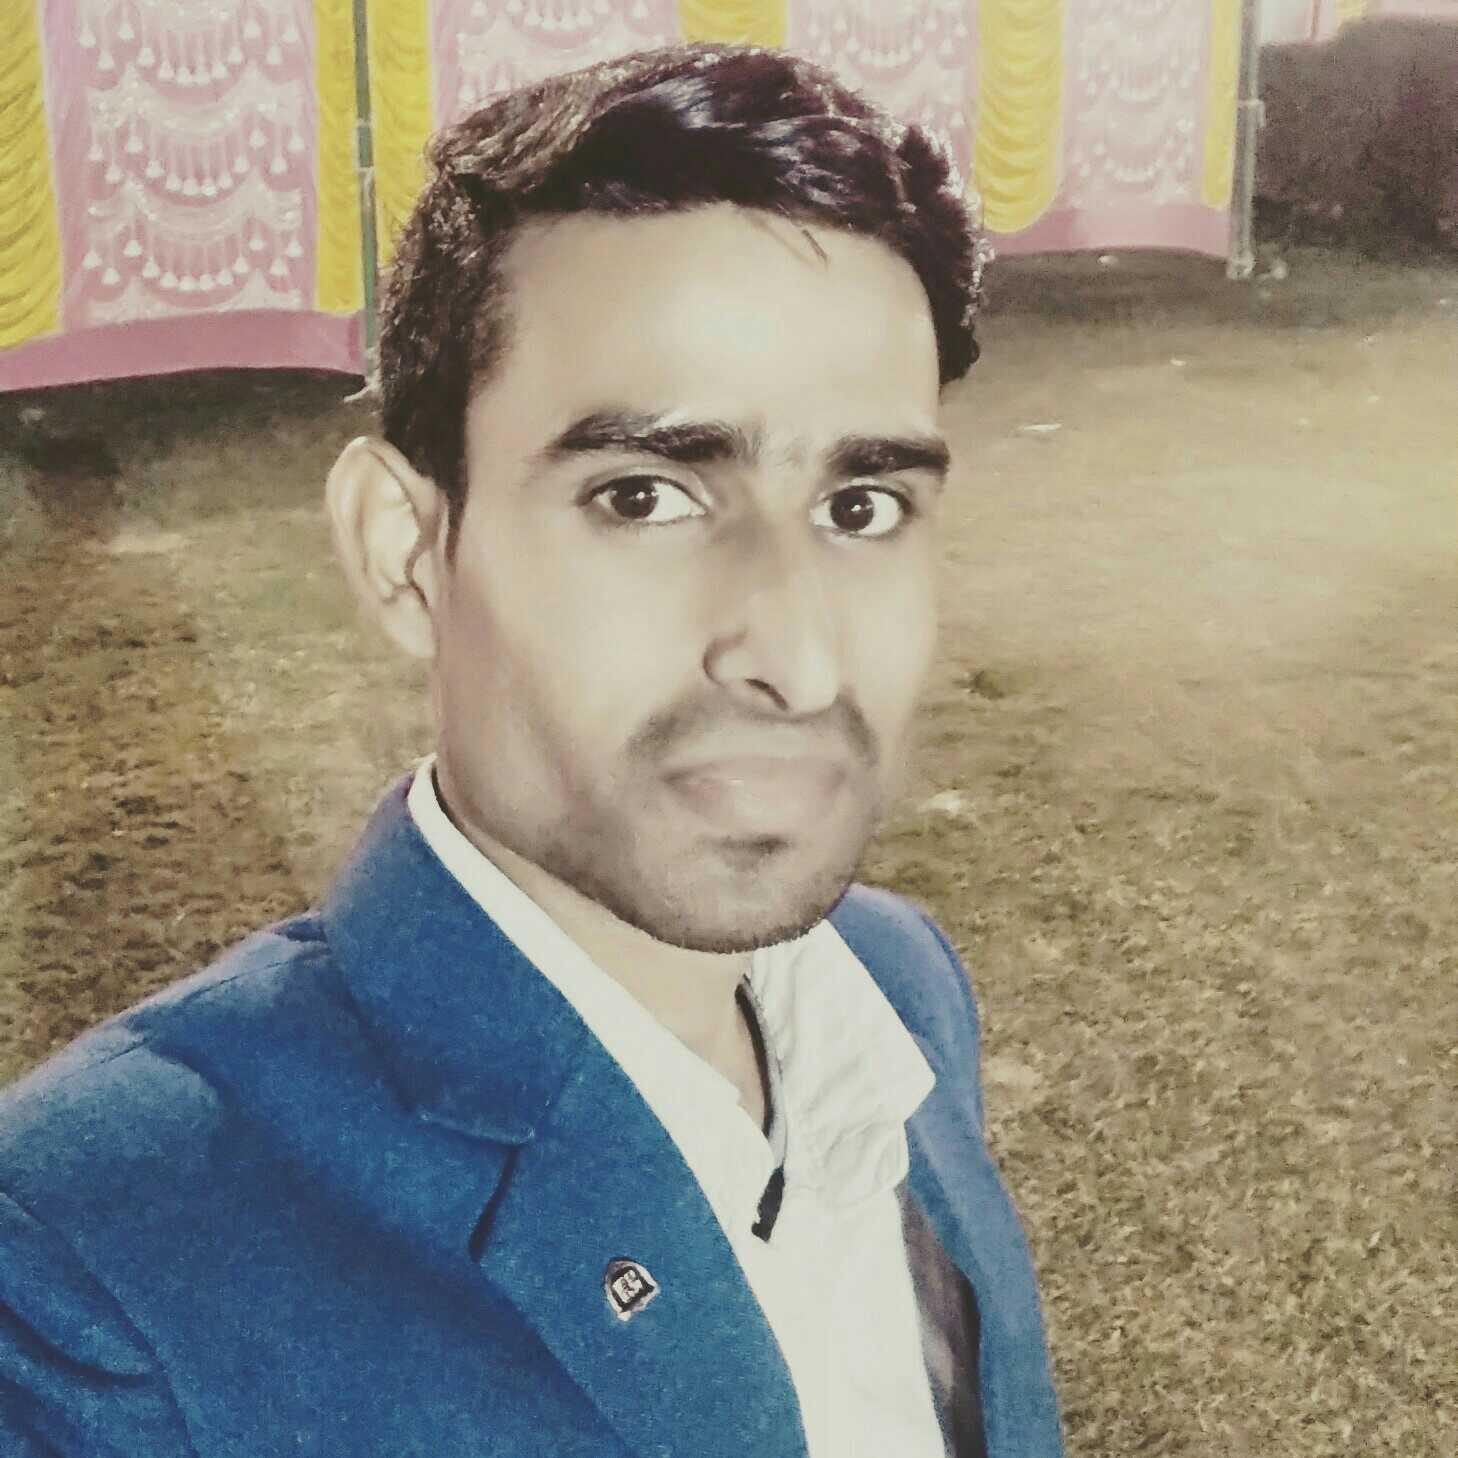 Subhash Yadav Day dreamer and night thinker